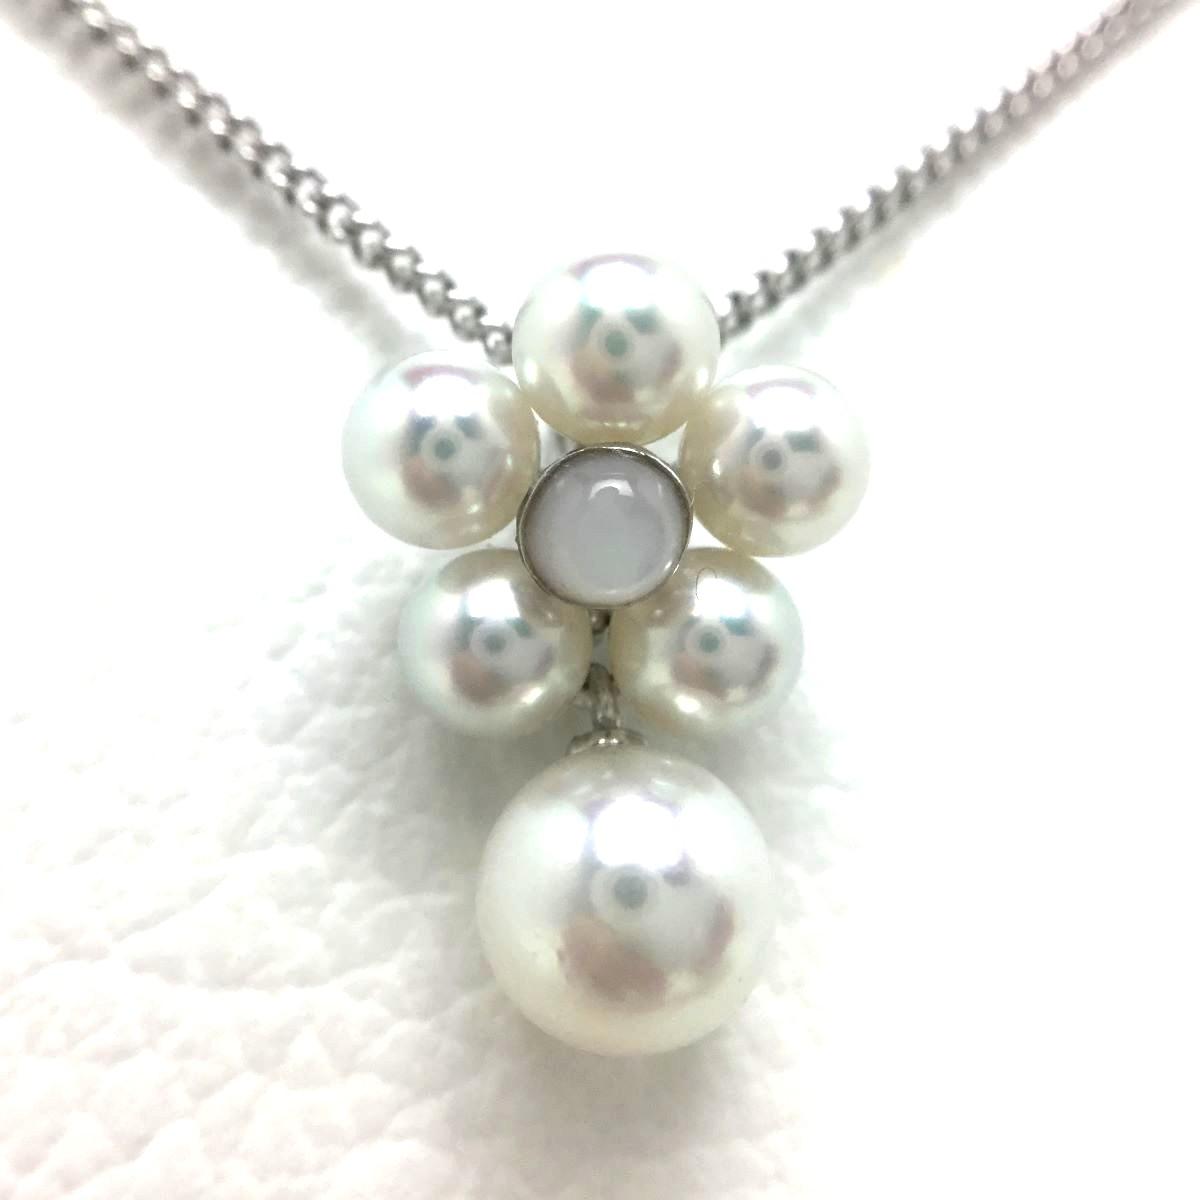 真珠 ペンダントトップ パール アコヤ真珠 6.5mm・4mm ホワイトピンク K18 ホワイトゴールド シェル 67014 イソワパール